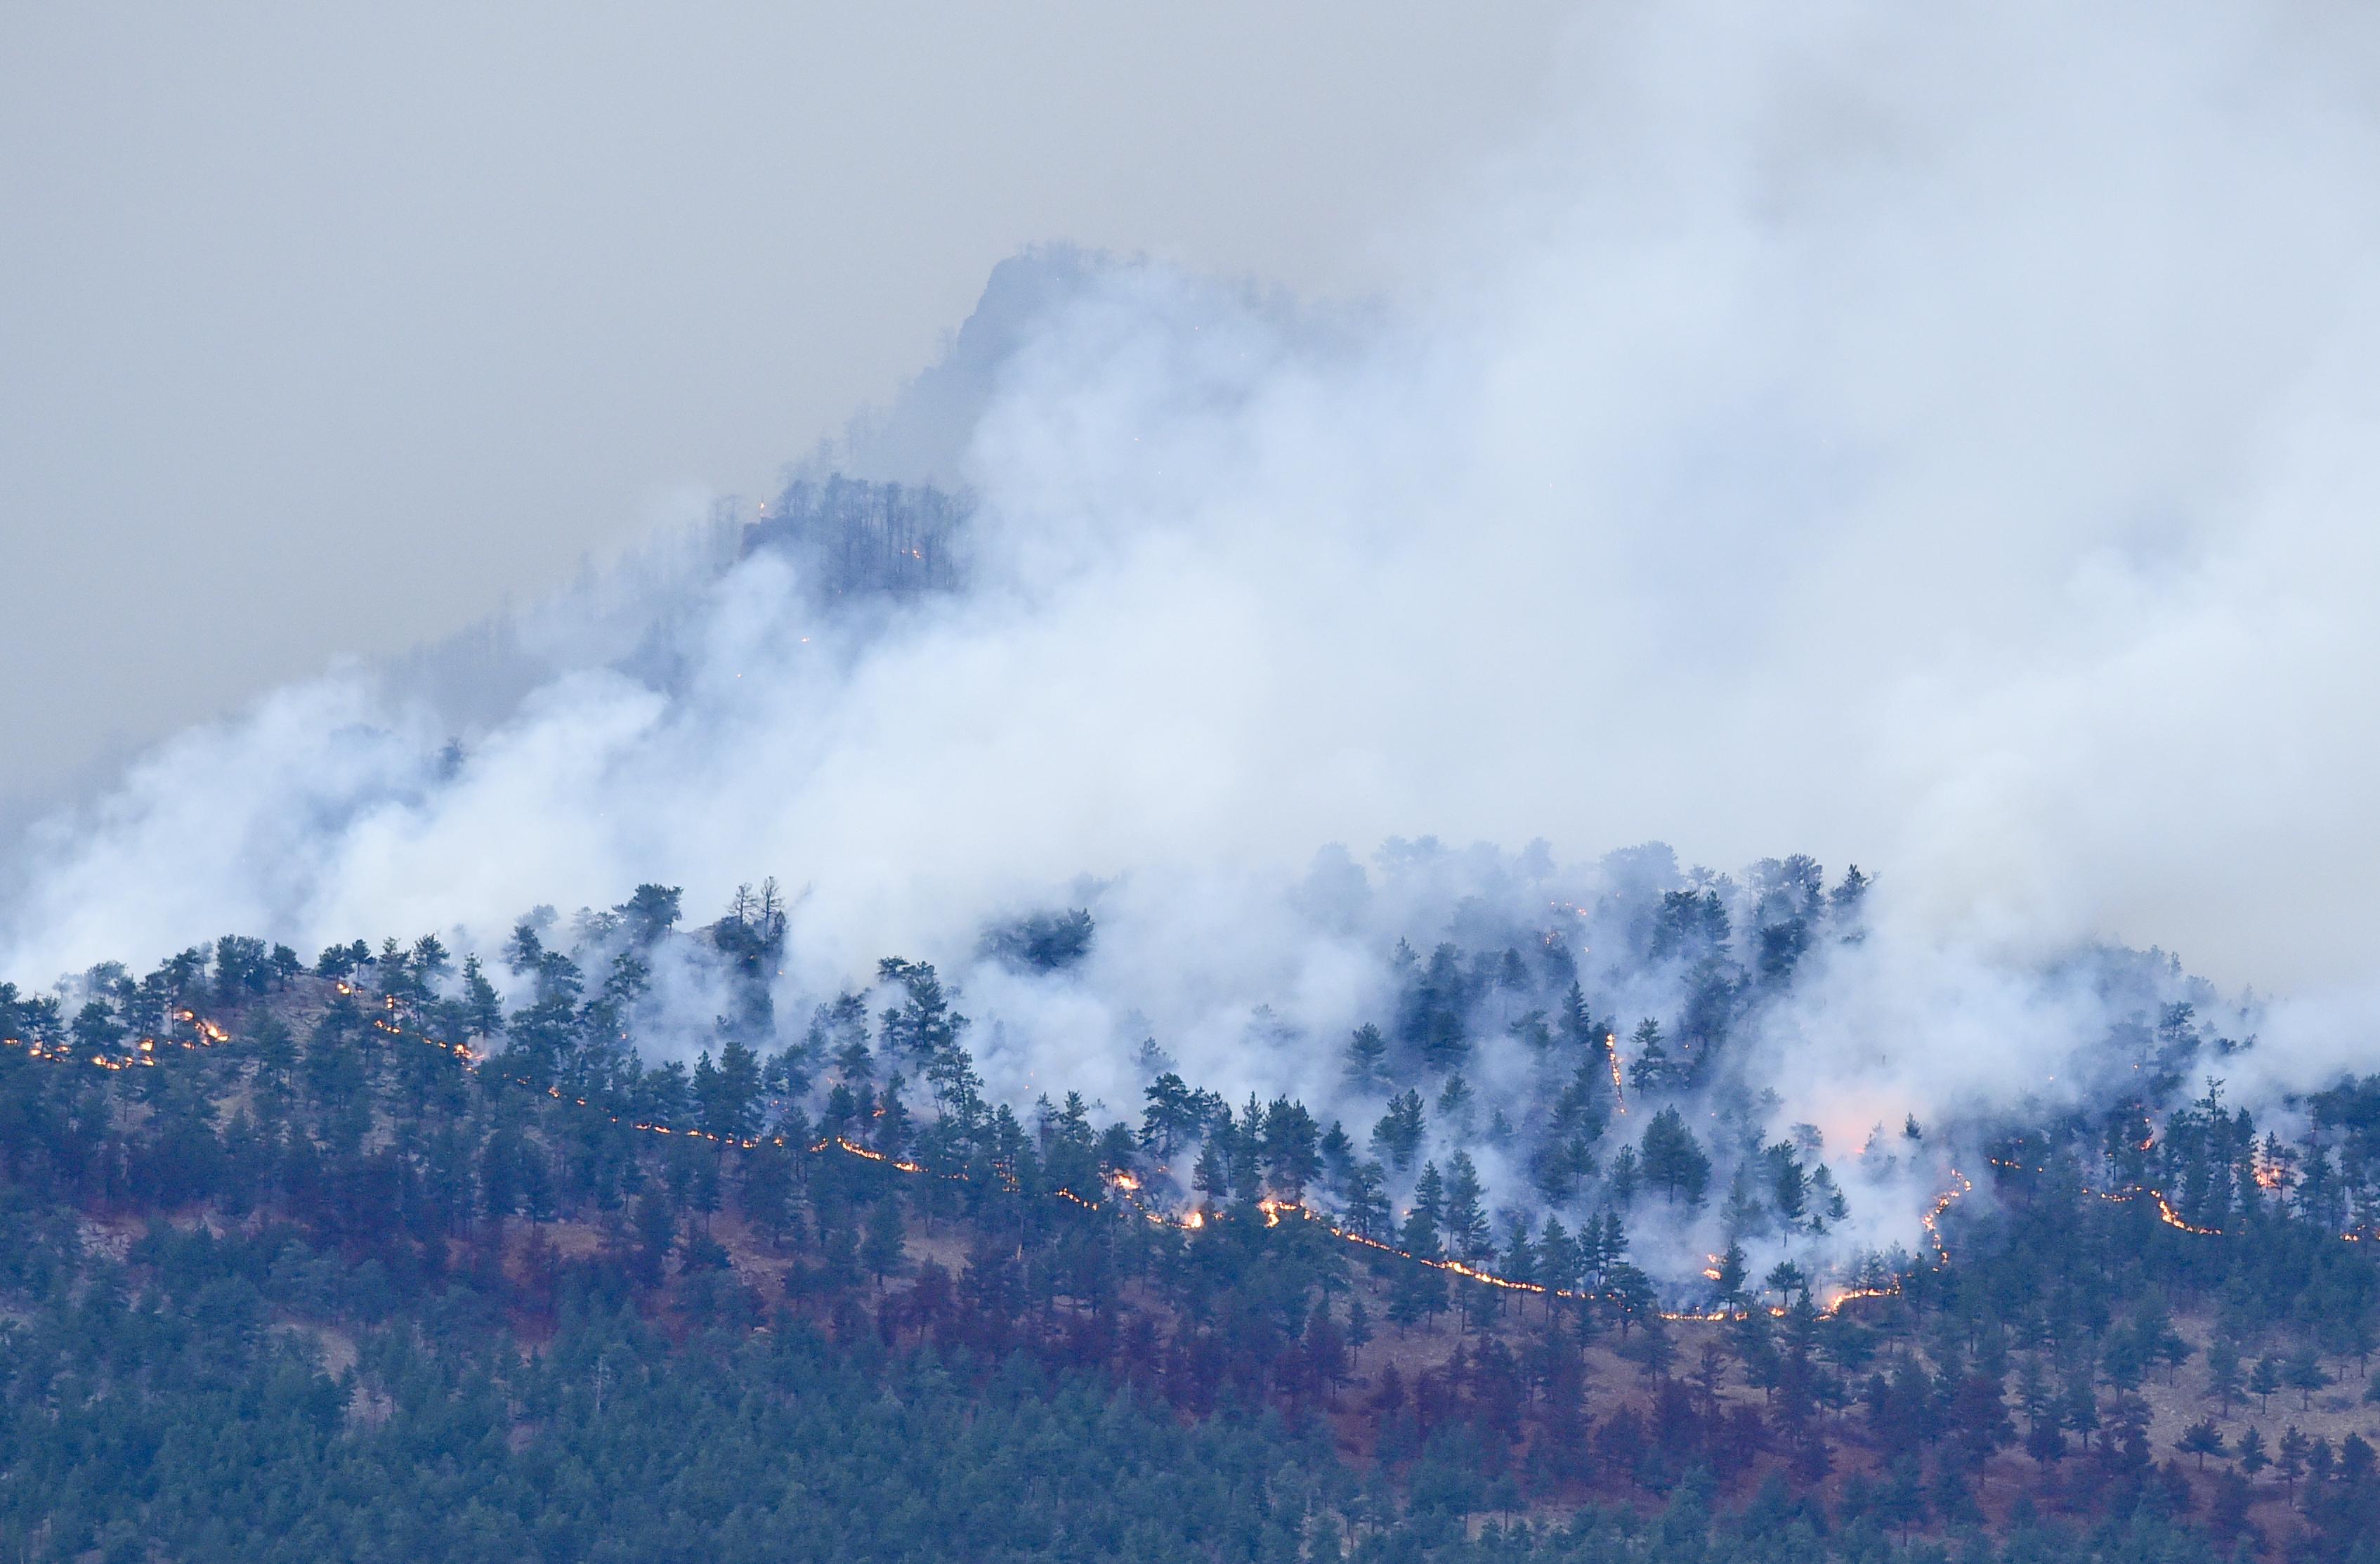 Calwood Fire Burns Near Jamestown